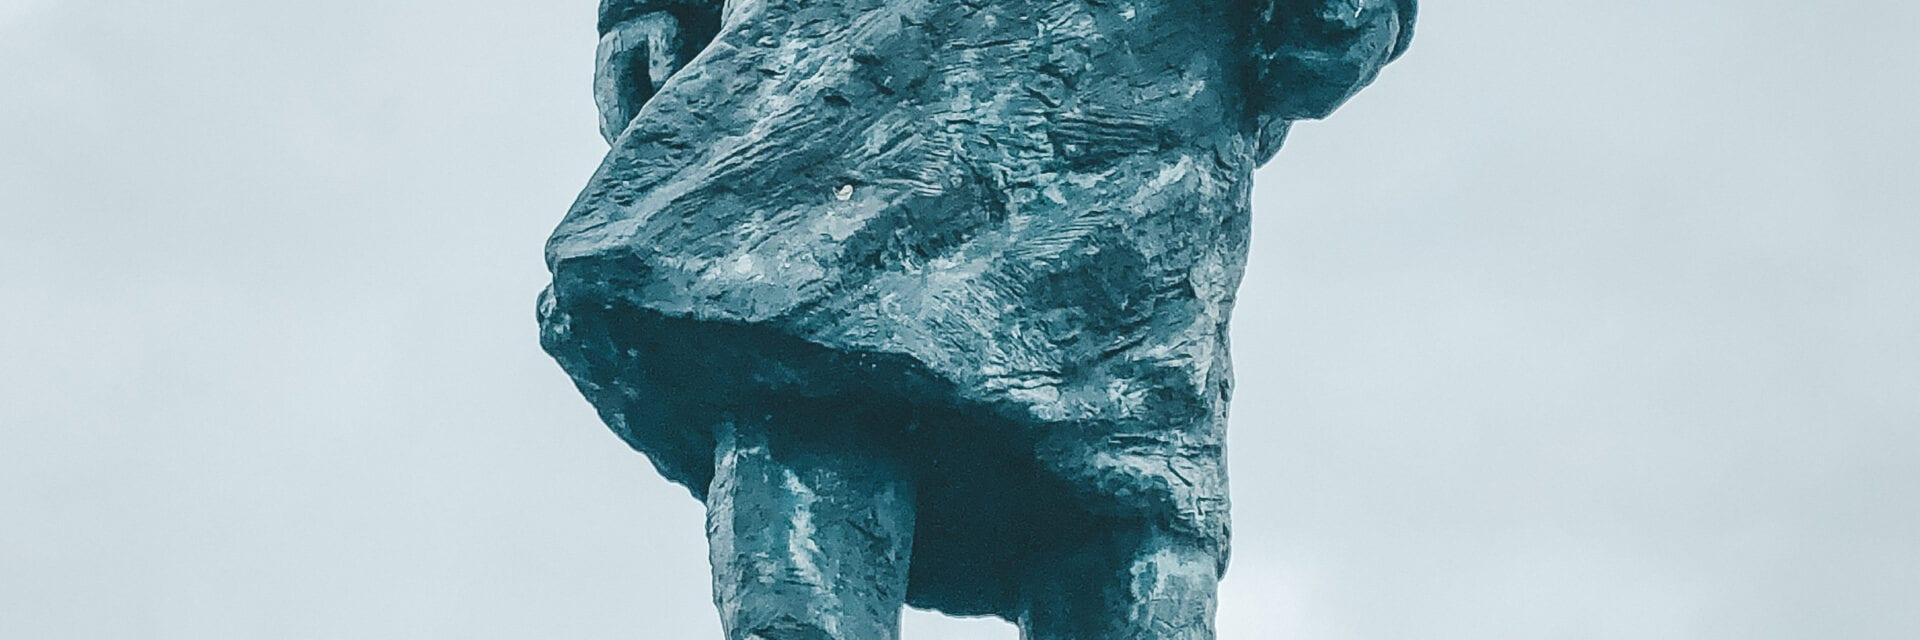 Op de foto zie je het monument van Lely vanaf de onderkant